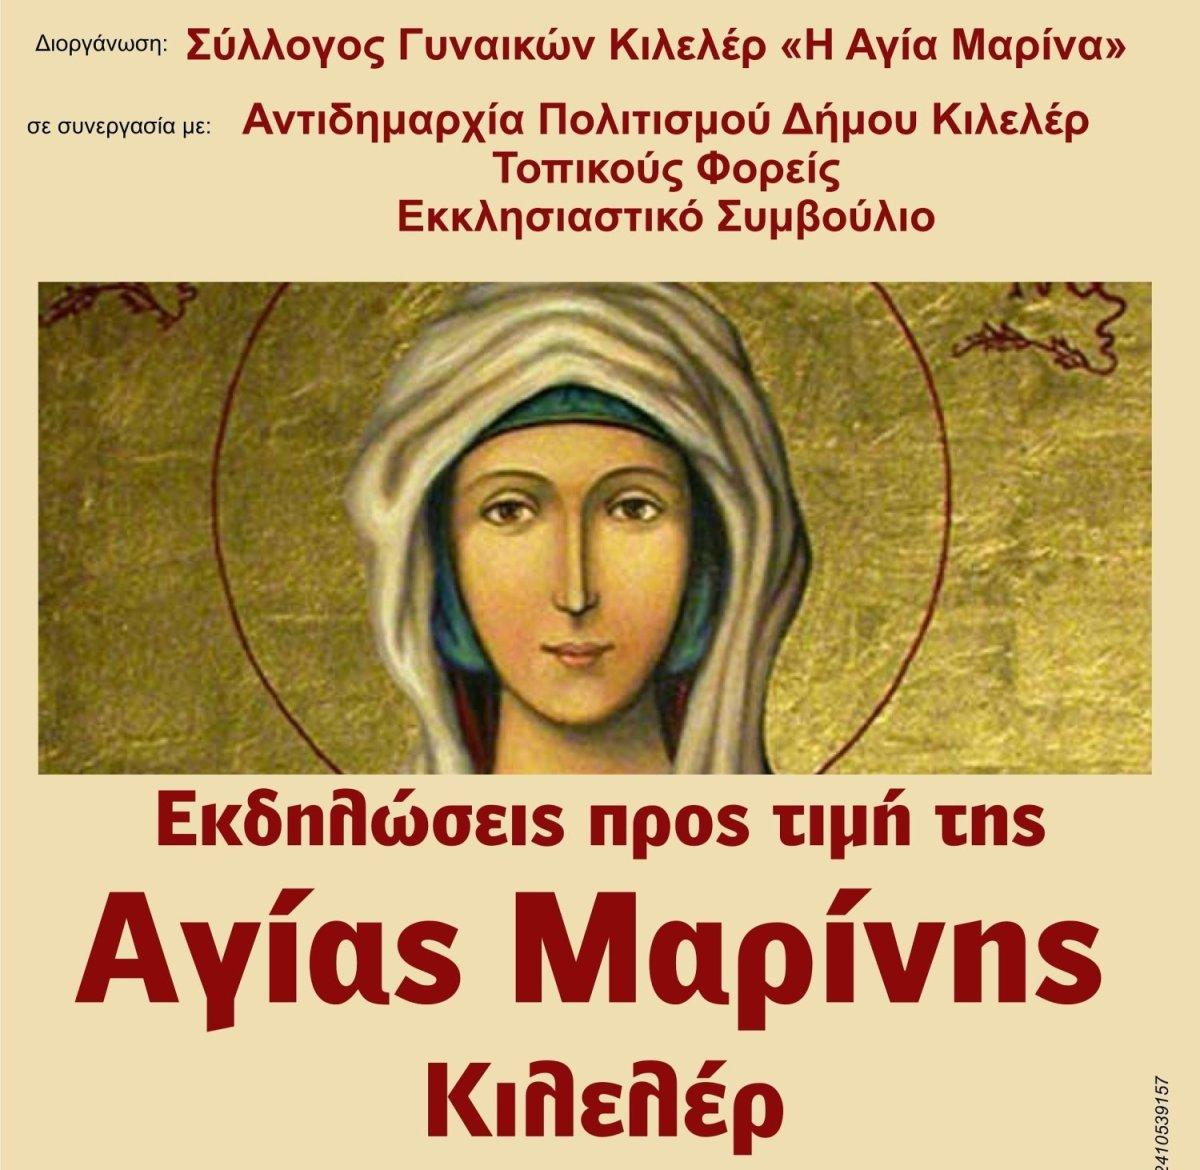 Γιορτάζει η Αγία Μαρίνα στο Κιλελέρ